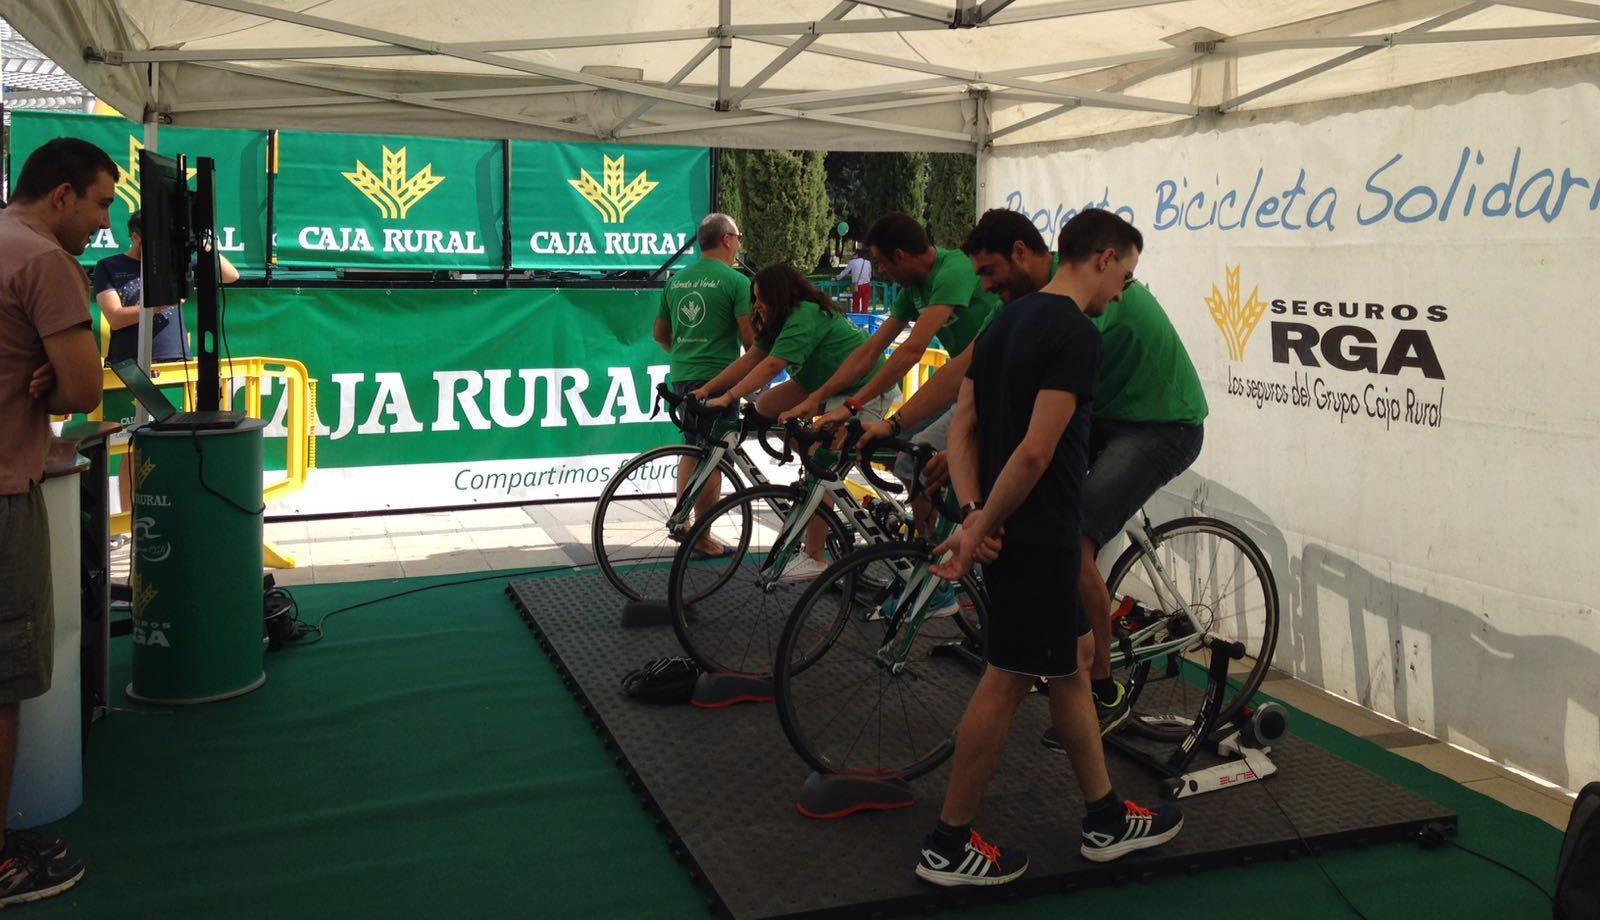 Bicicletas estáticas solidarias